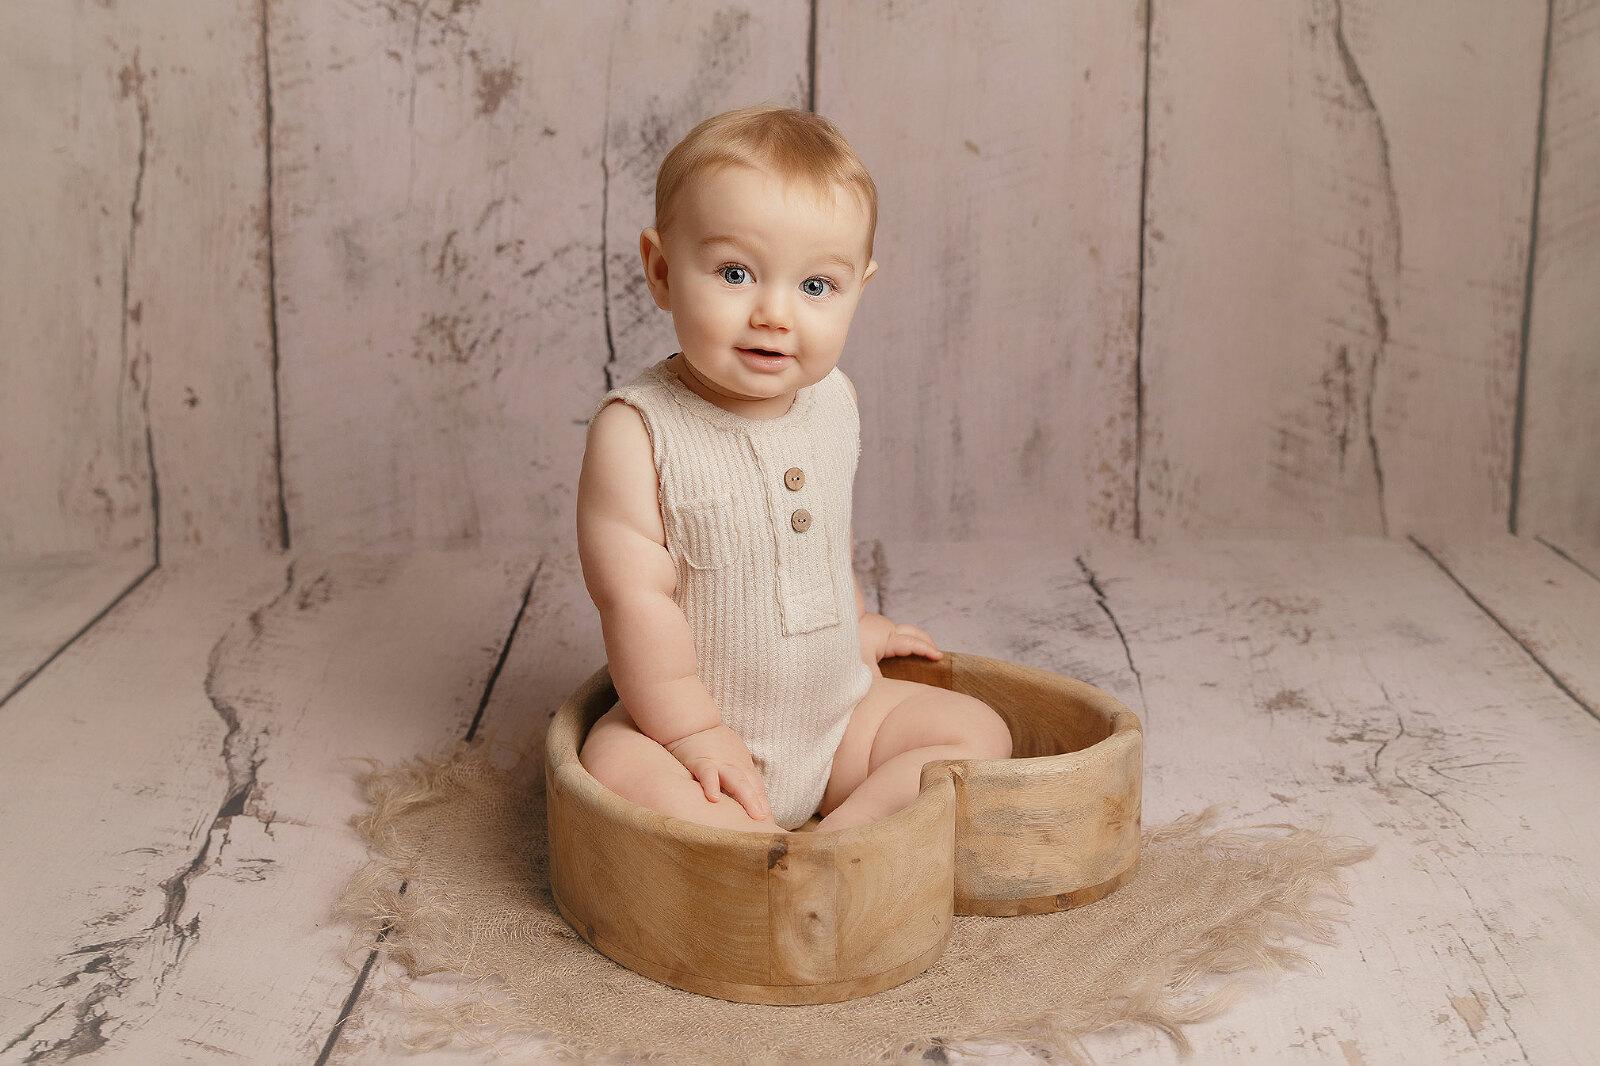 Jemma-Slater-Photography-baby-boy